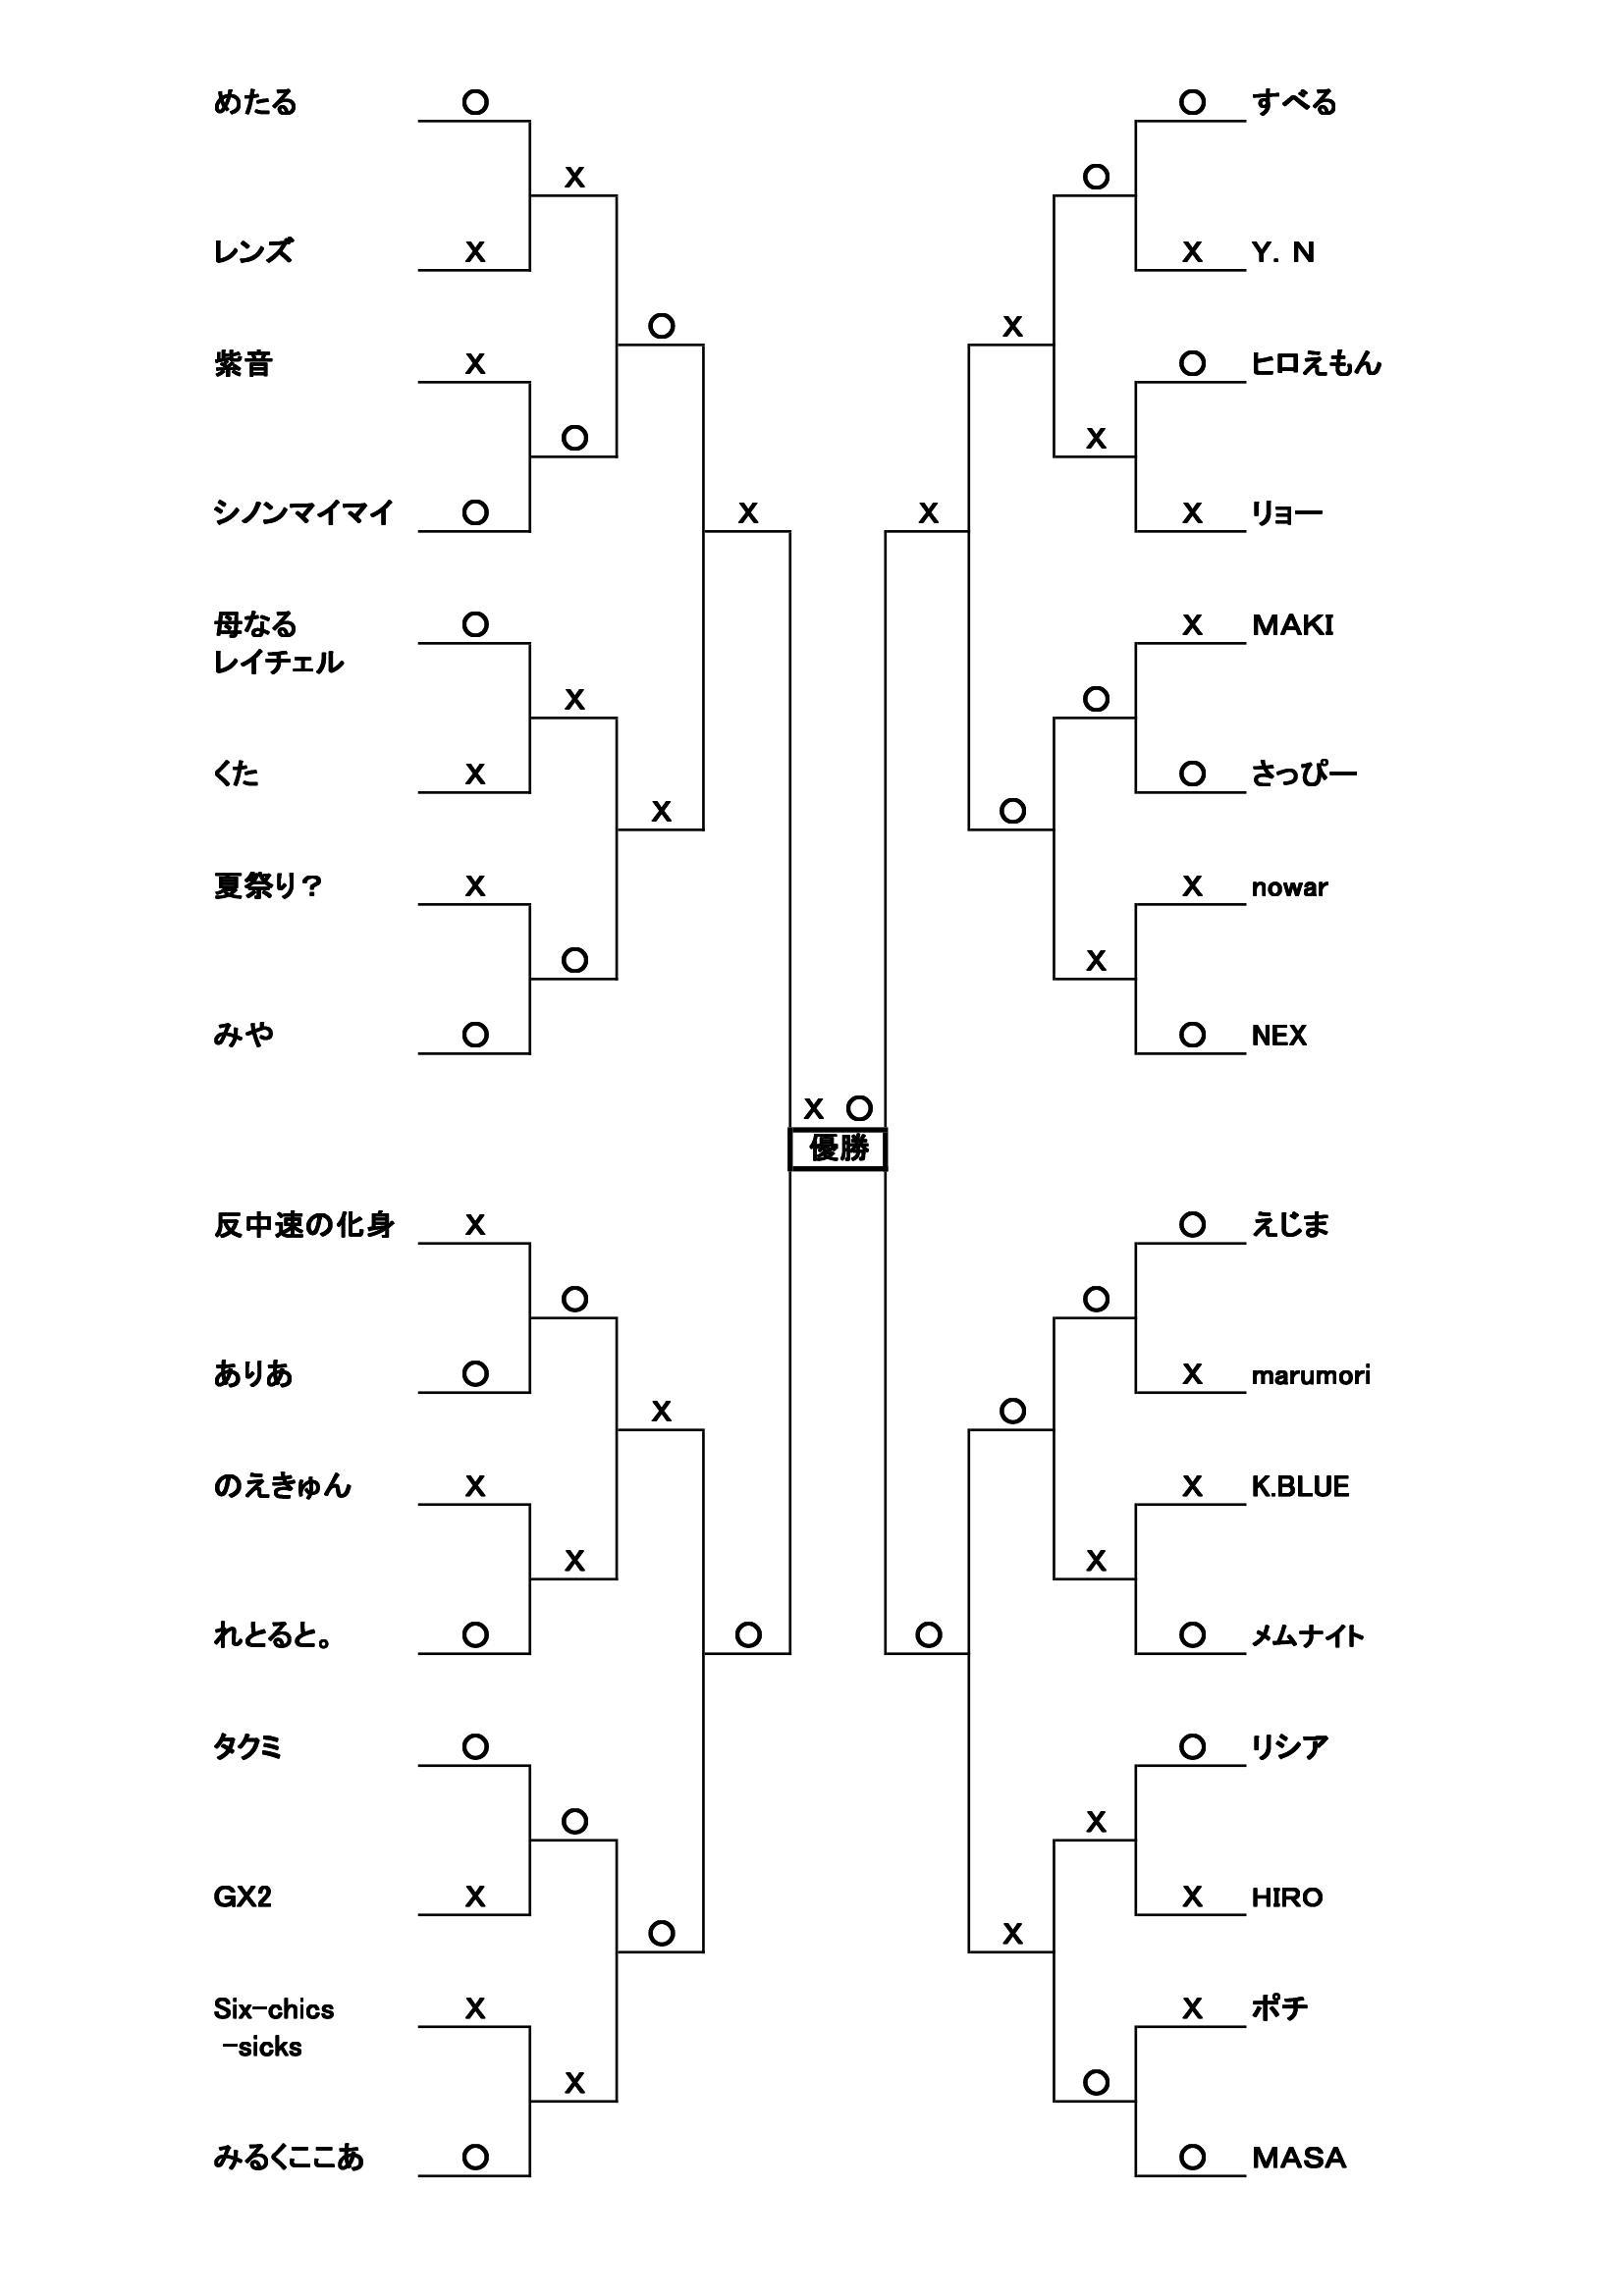 第3回下町CSトーナメント表